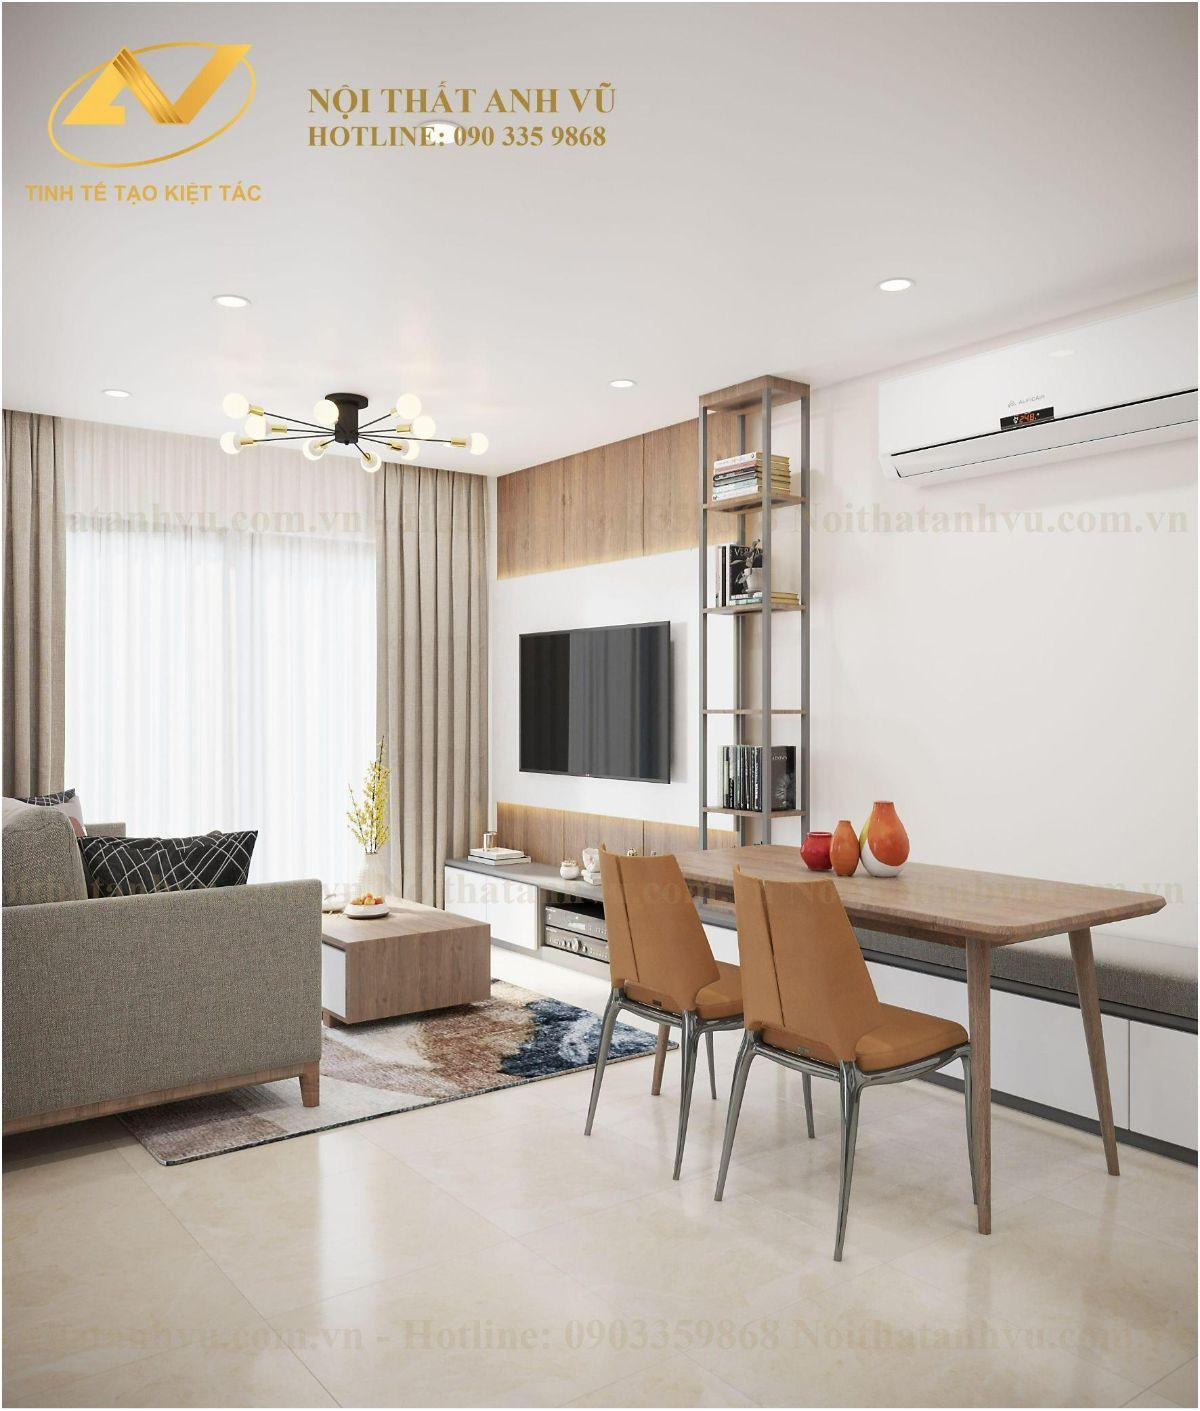 Thiết kế nội thất chung cư 2 phòng ngủ Chị Lê Vinhome Smart City Tây Mỗ 2